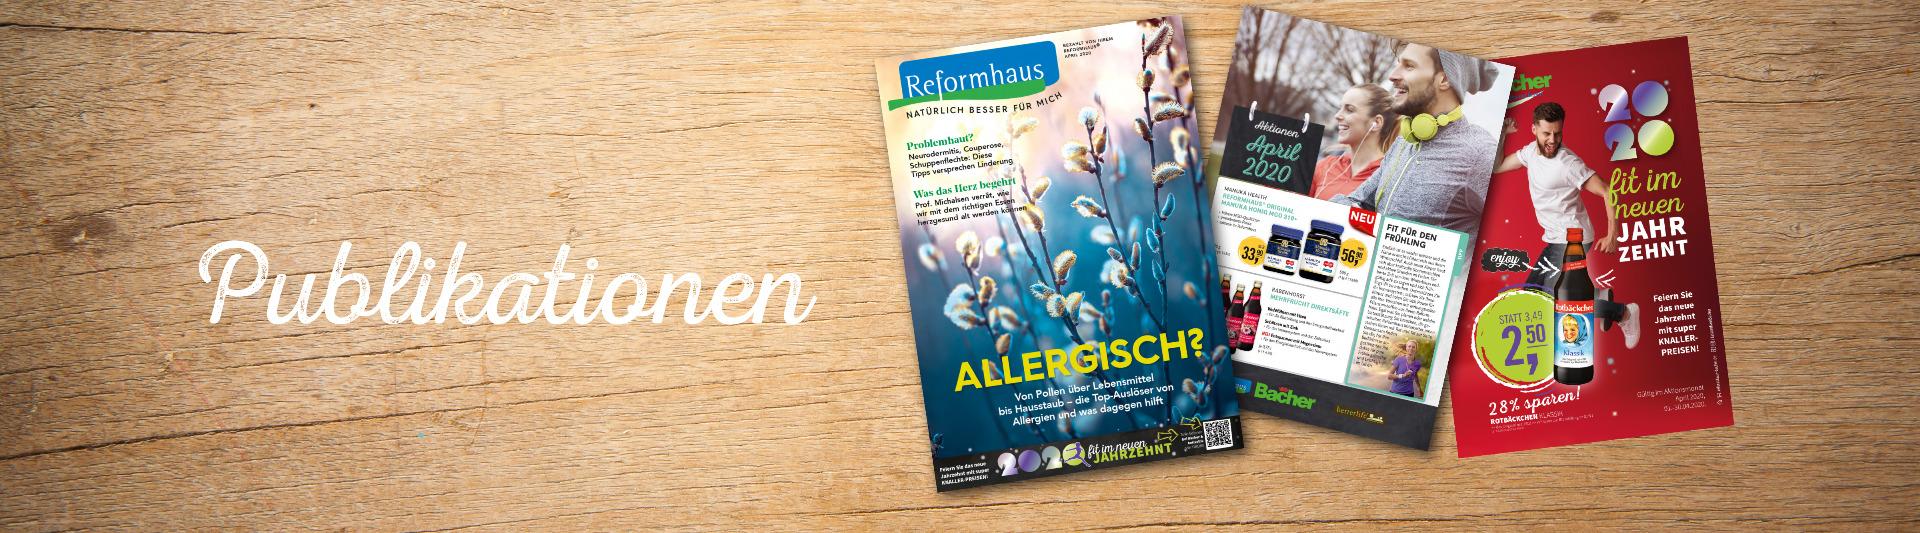 April20 Publikationen auf Holzhintergrund